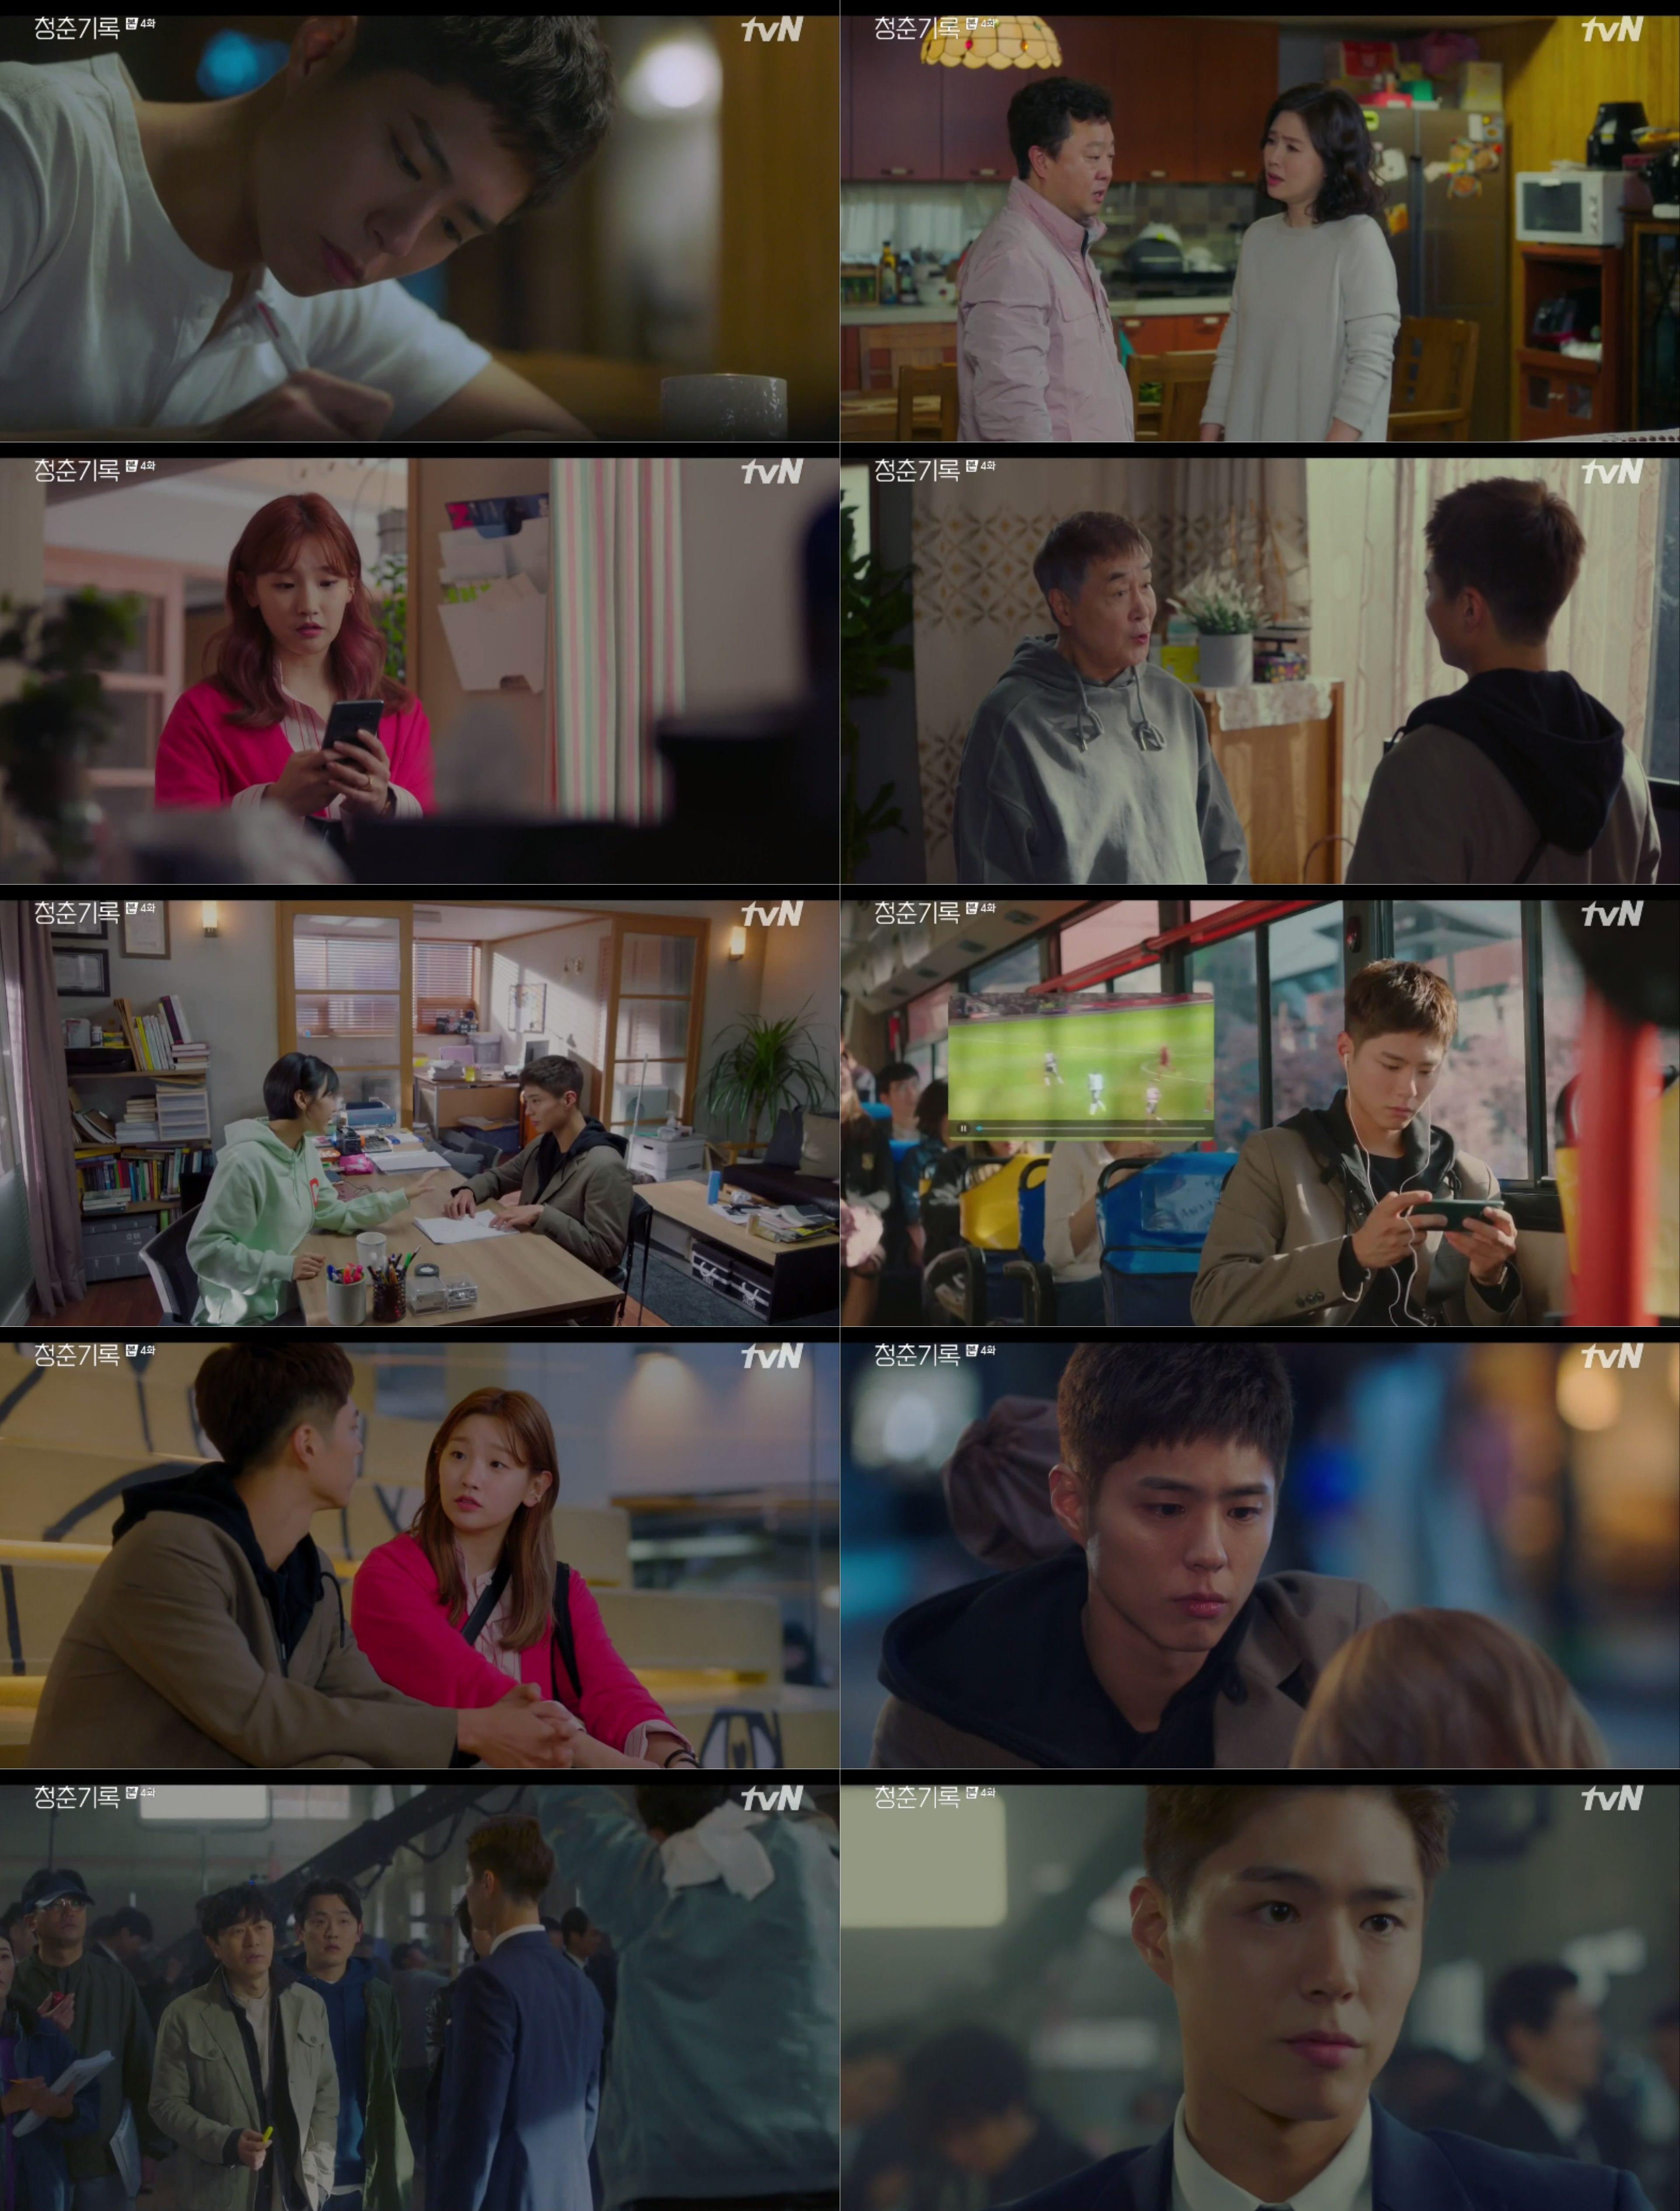 '청춘기록' 박보검 멋짐 폭발한 사이다 엔딩으로 평균 9.6%, 동시간대 1위!